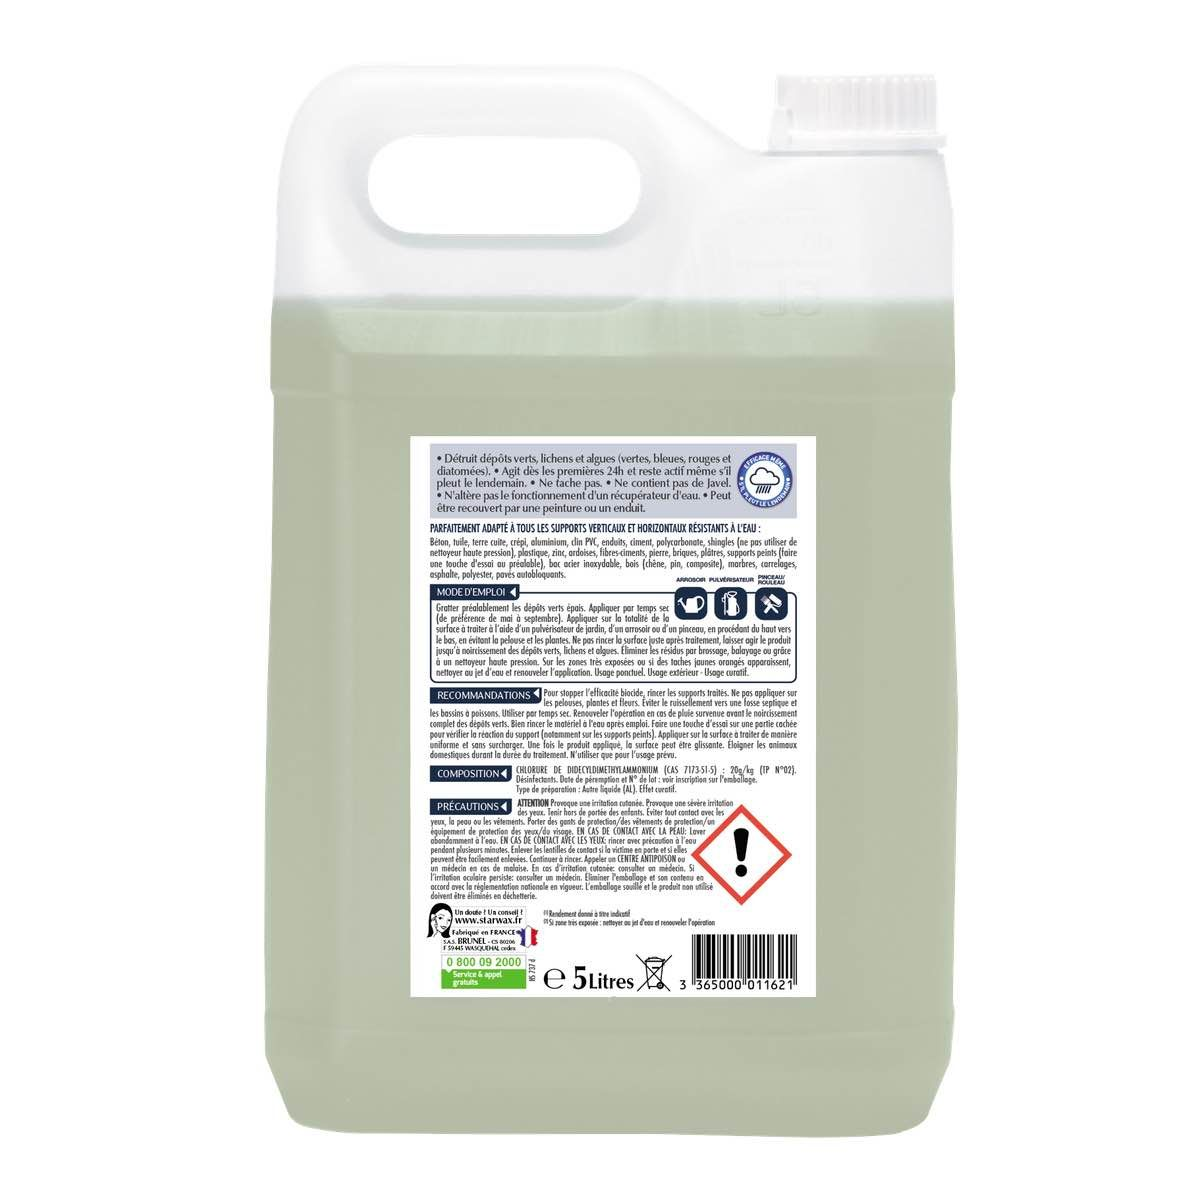 destructeur de dépôts verts | starwax, produits d'entretien maison - Produit Pour Nettoyer Les Murs Exterieurs